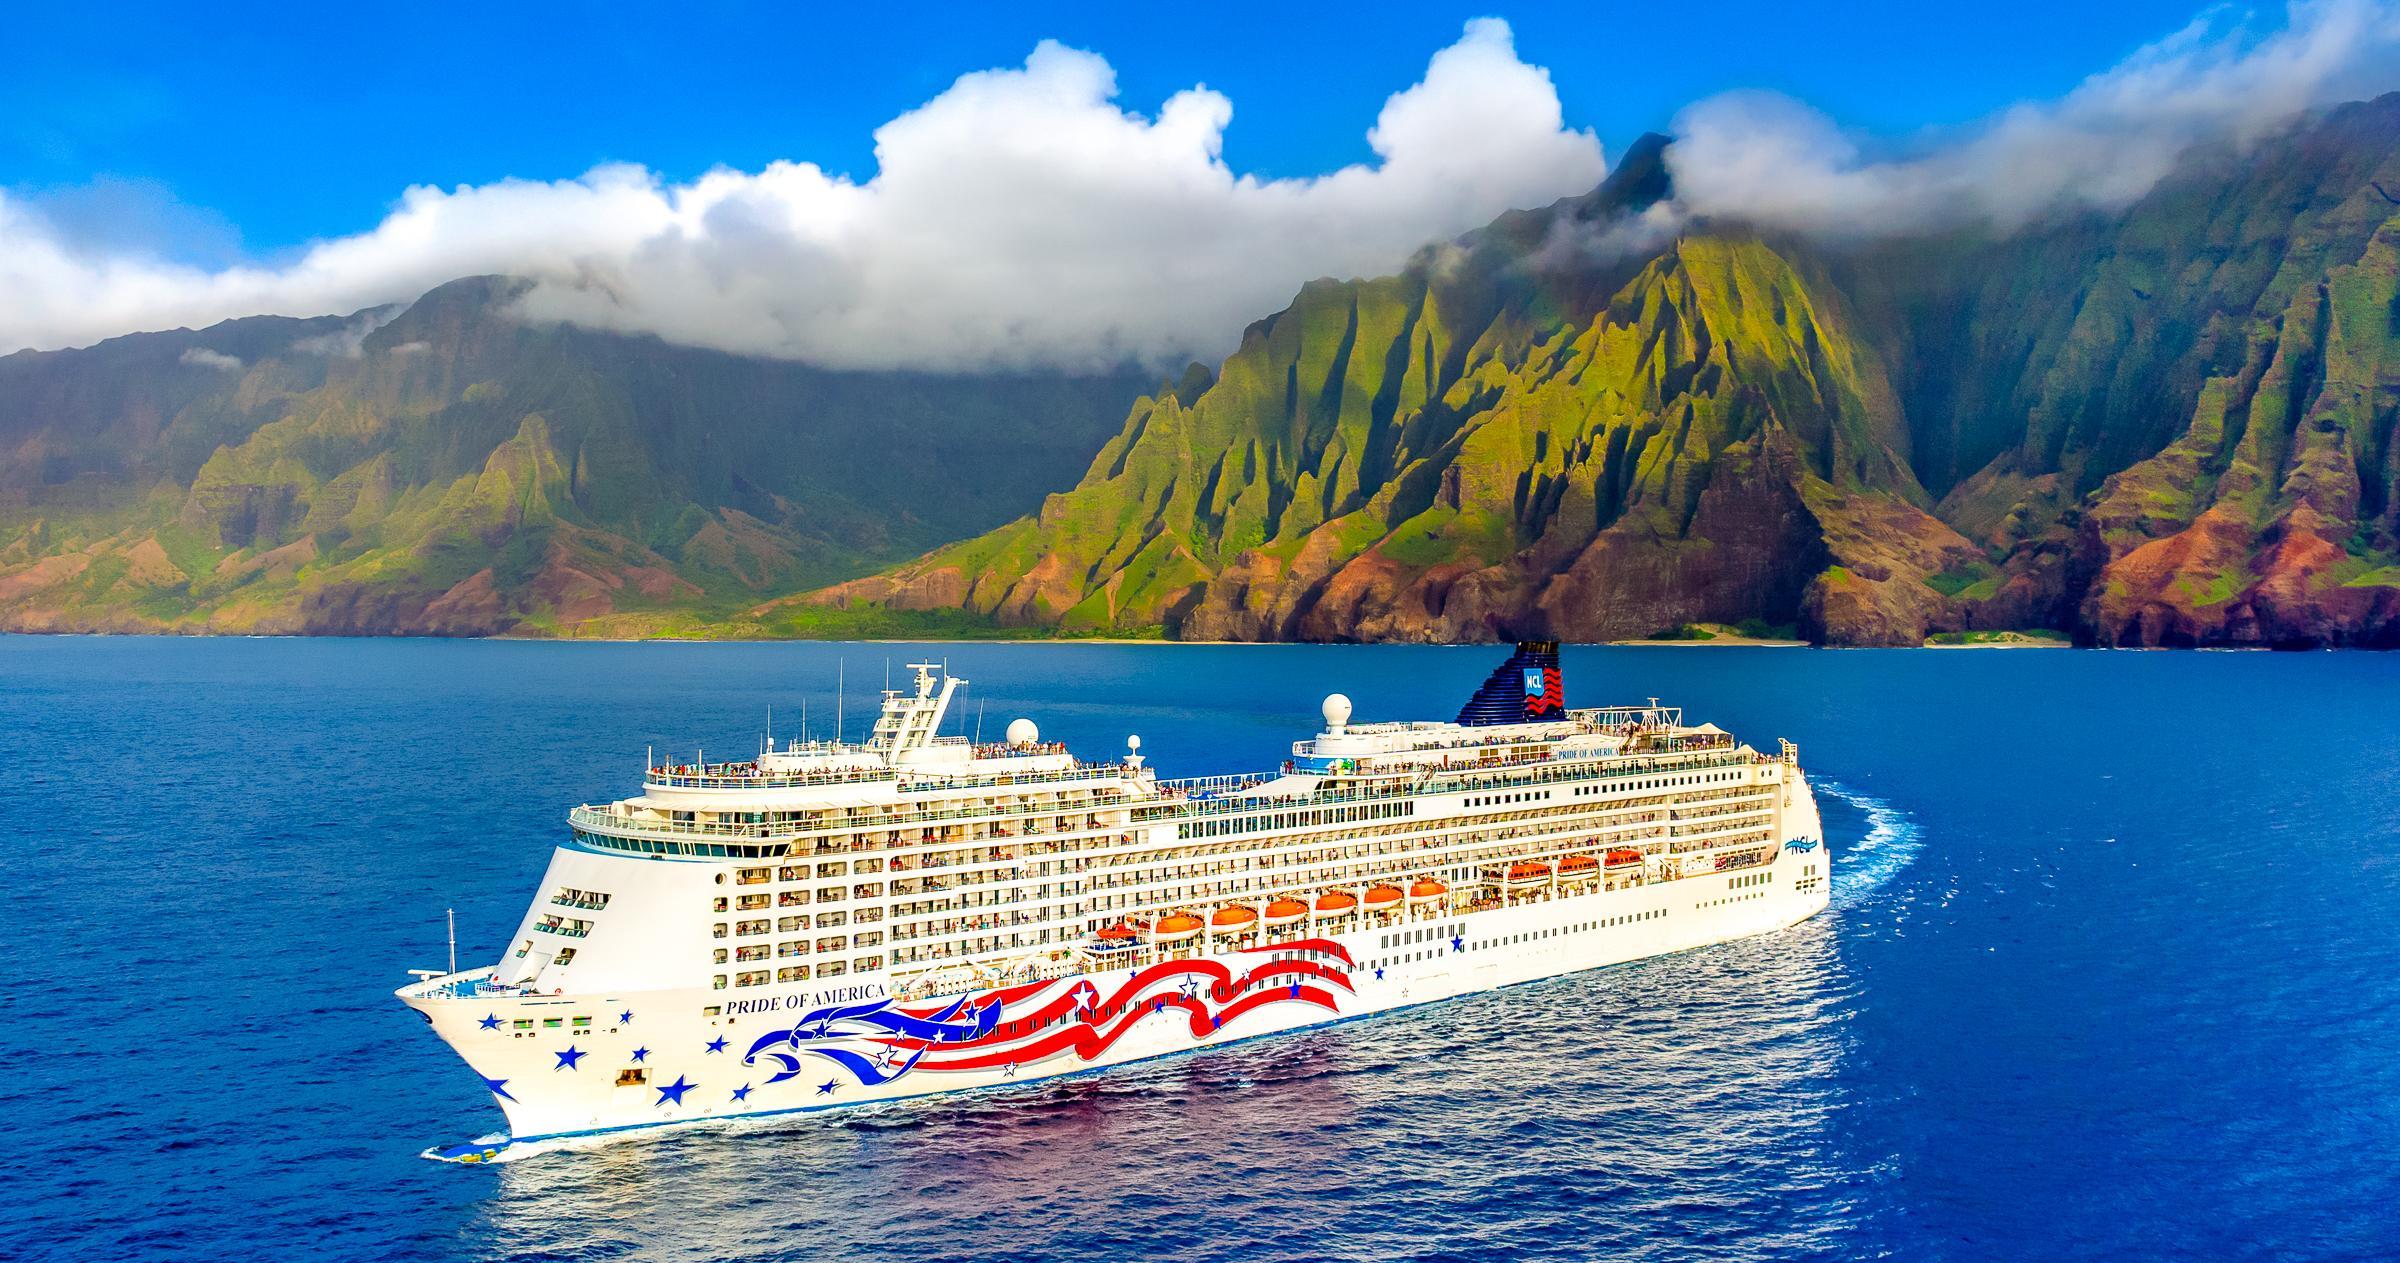 Cruise Ship Job Fair - Boise, ID - Feb 19th - 8:30am or 1:30pm Check-in